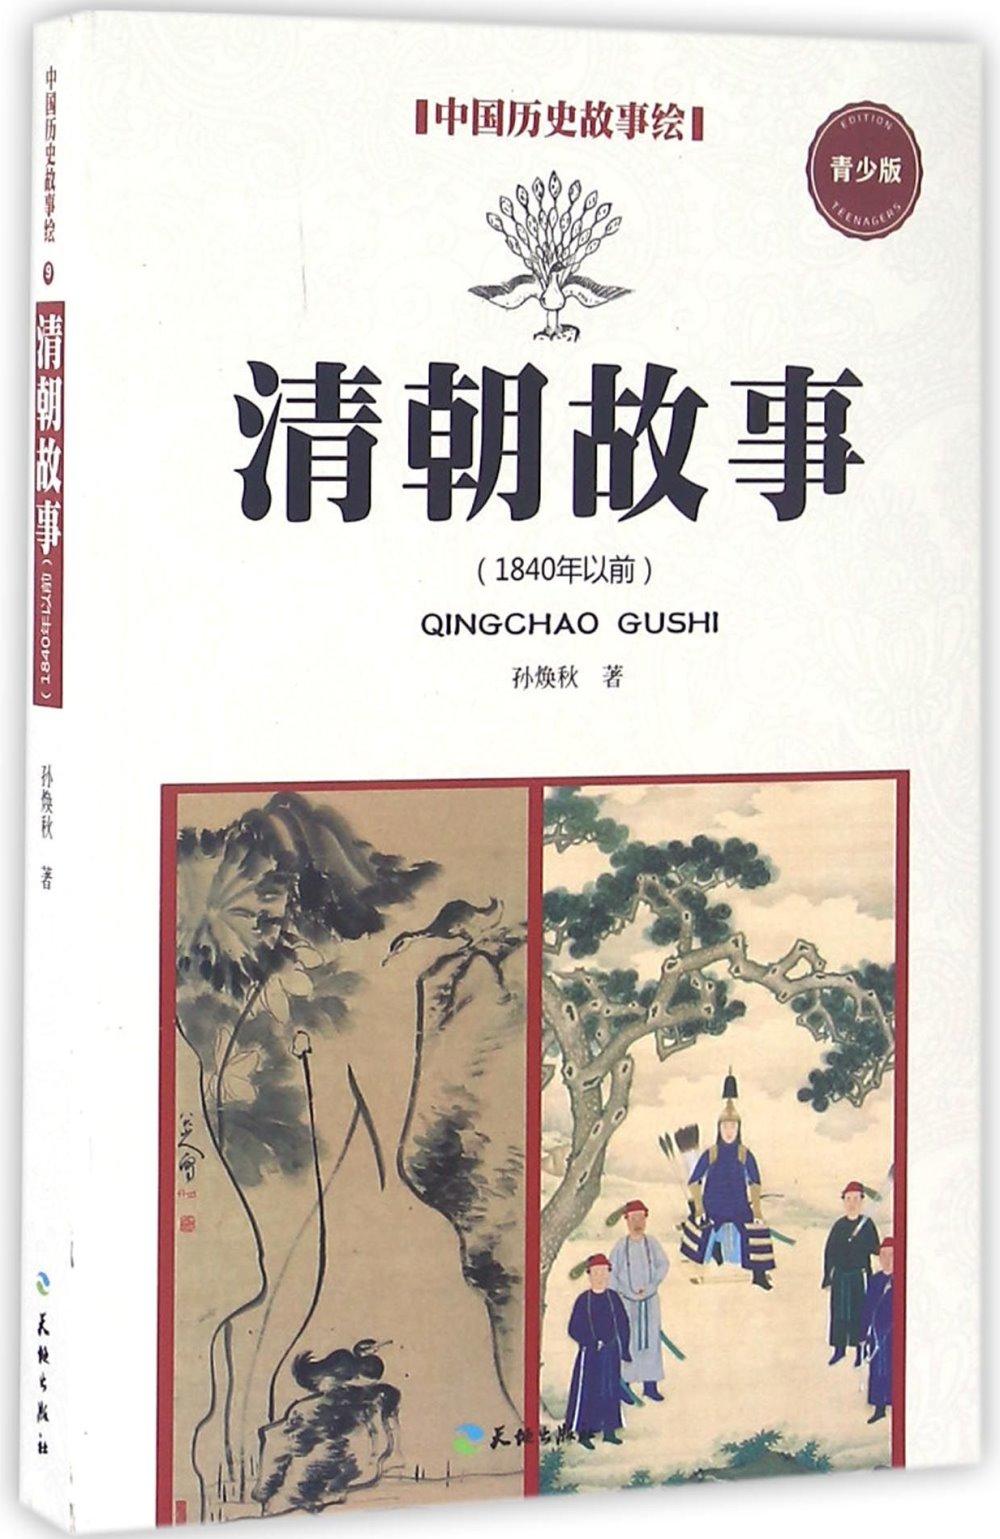 中國歷史故事繪 9 :清朝故事 1840年以前  青少版